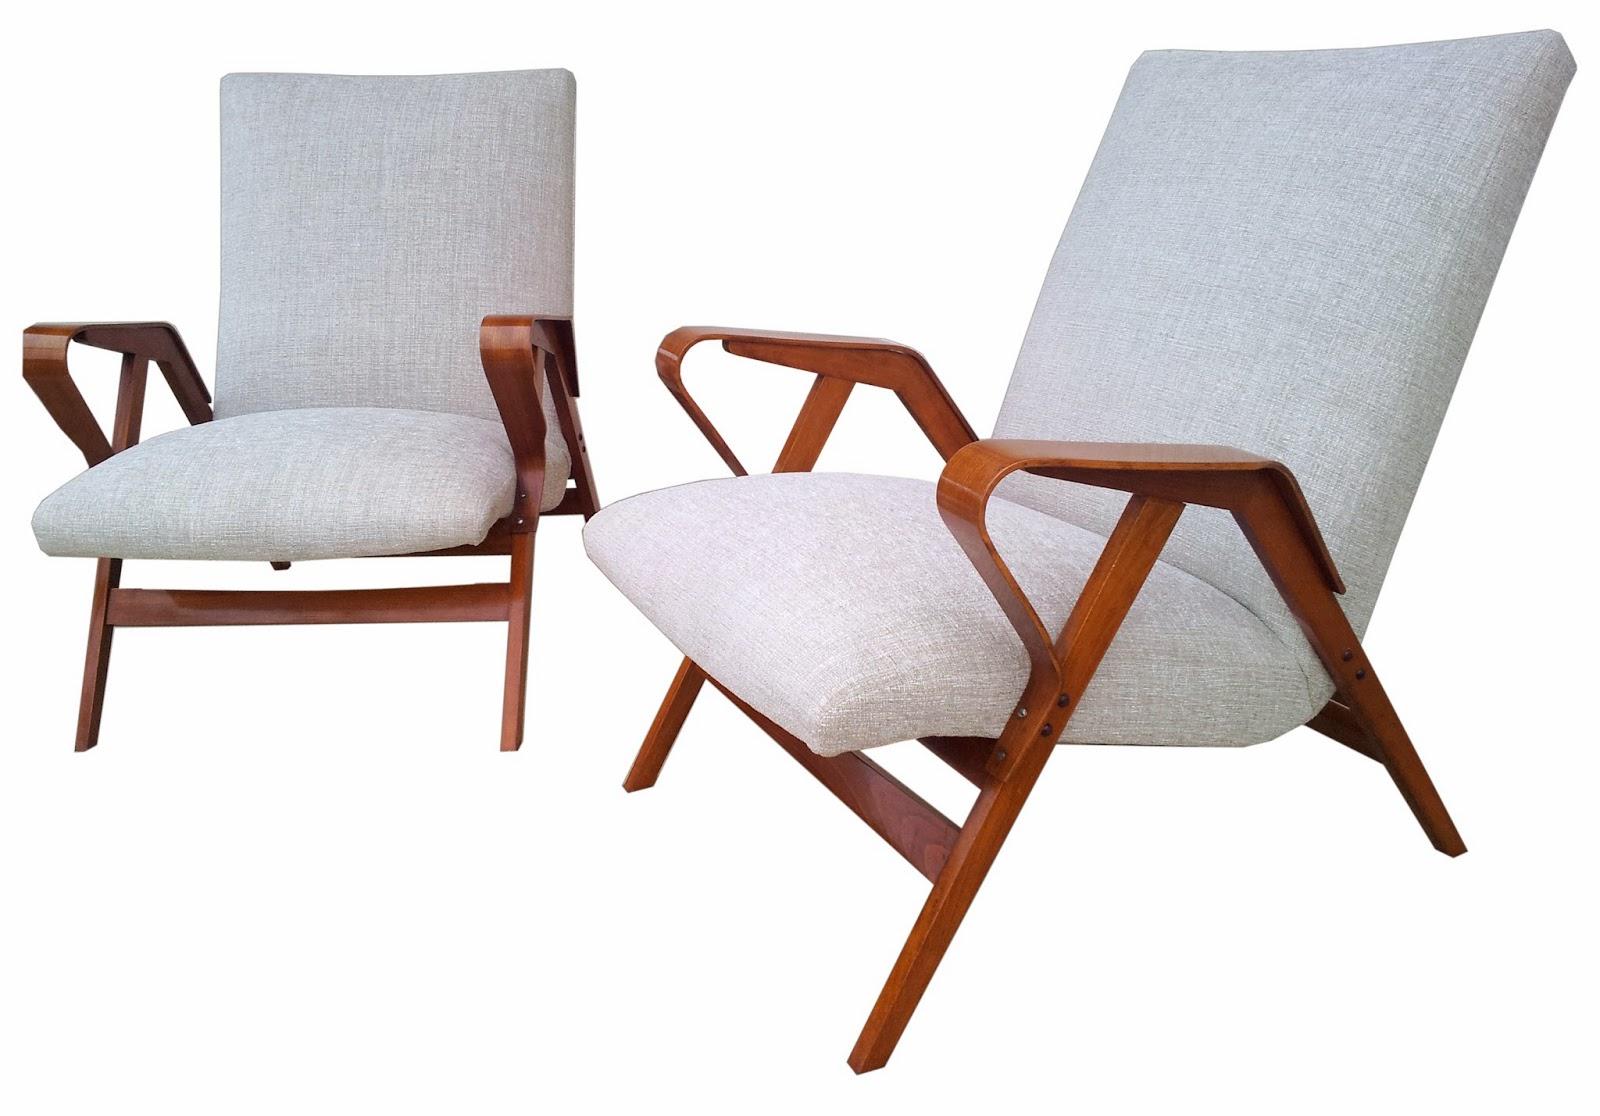 Fauteuils design vintage